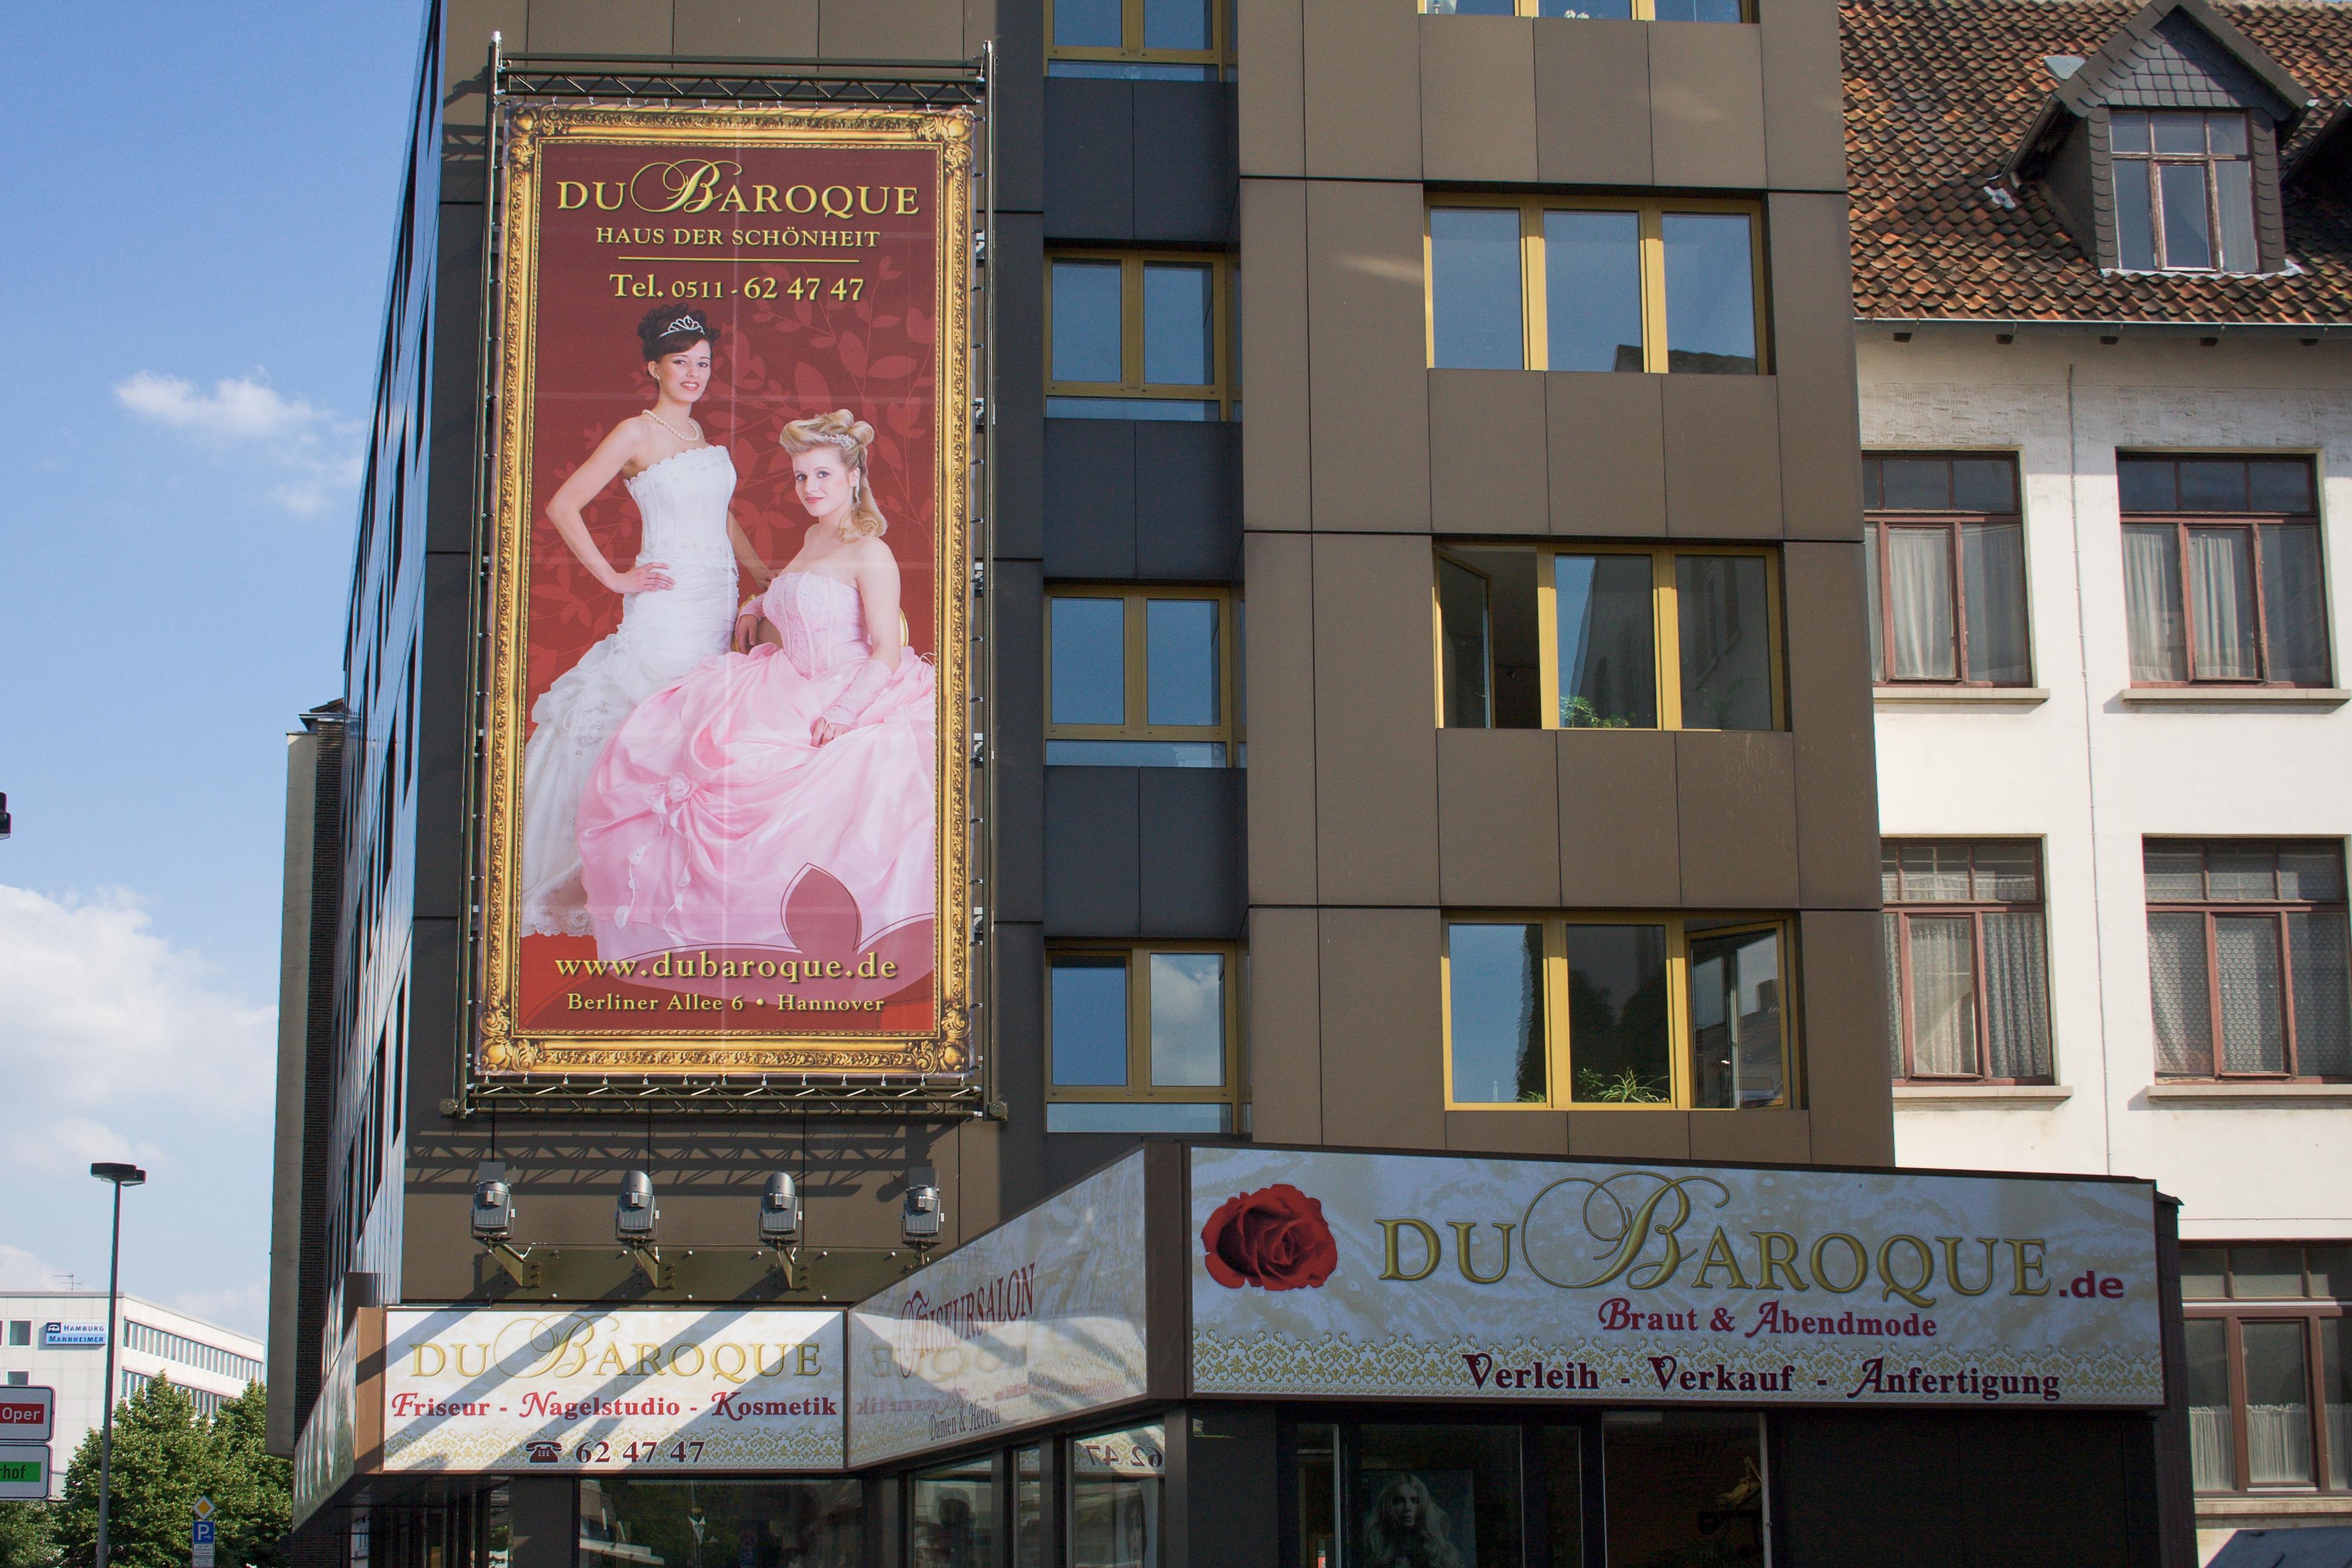 20 Leicht Abendkleider Hannover Galerie13 Schön Abendkleider Hannover Spezialgebiet